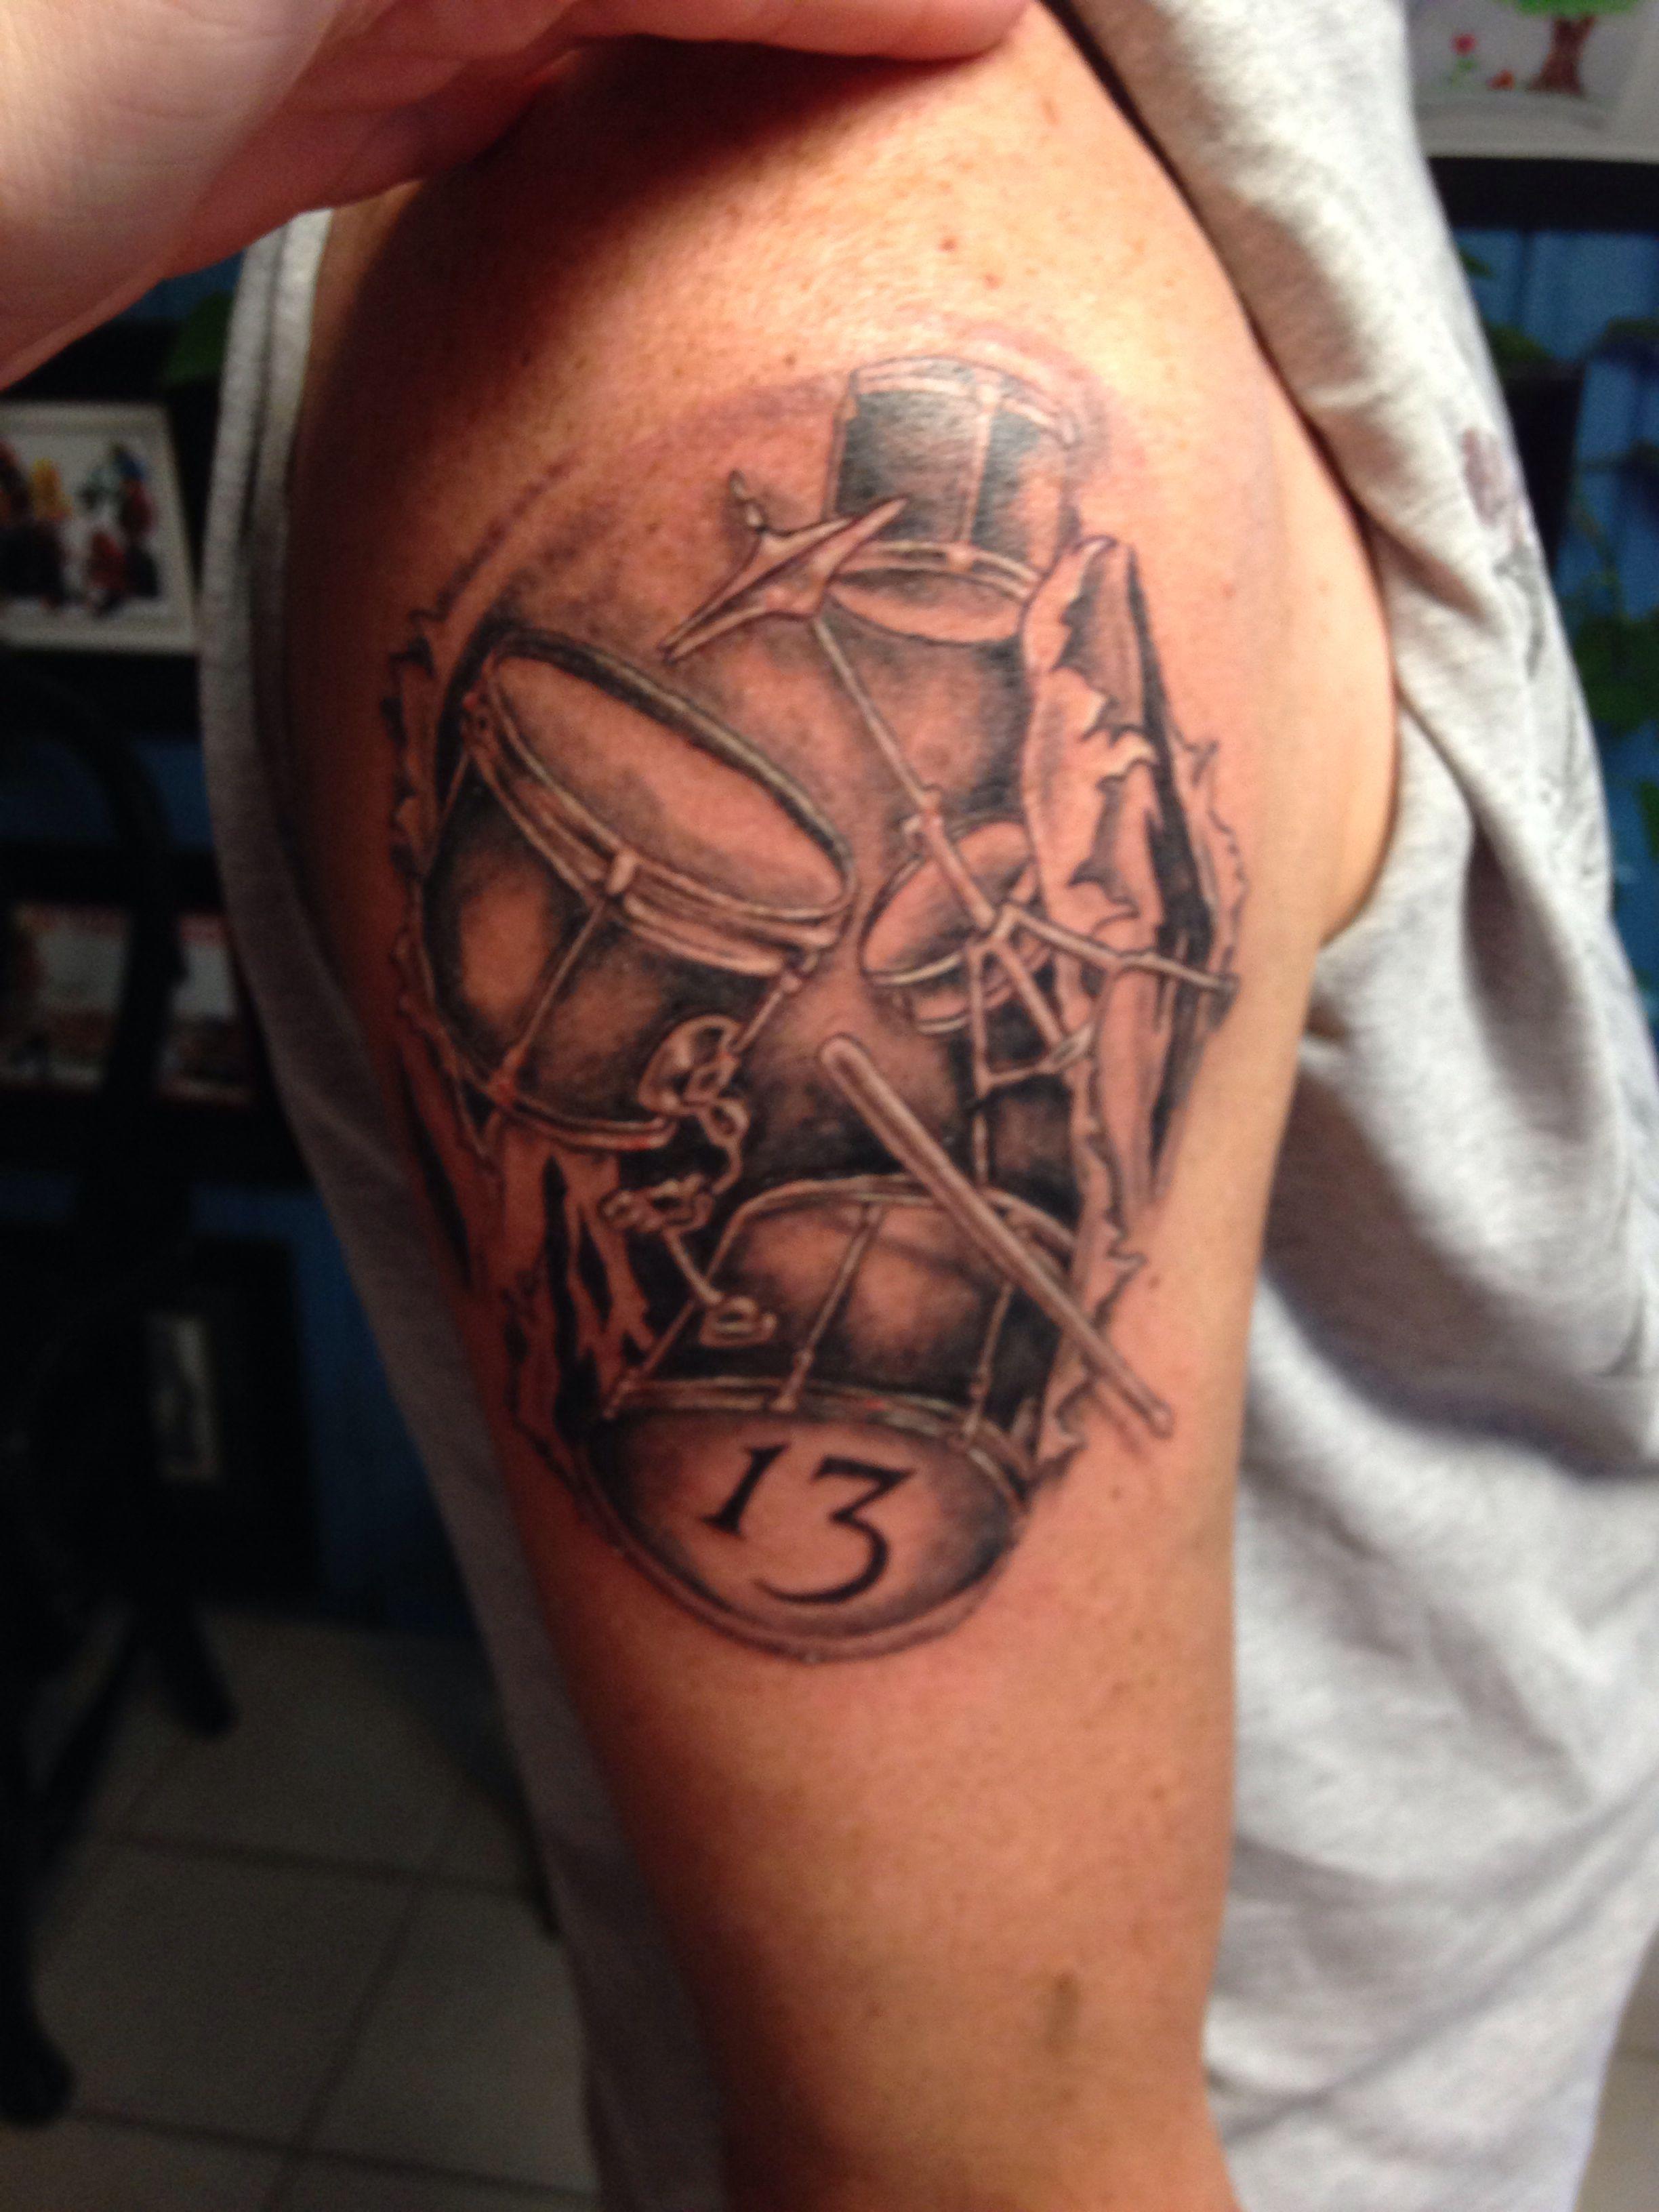 Drum tattoo   Tattoo Ideas!   Pinterest   Drum tattoo ...